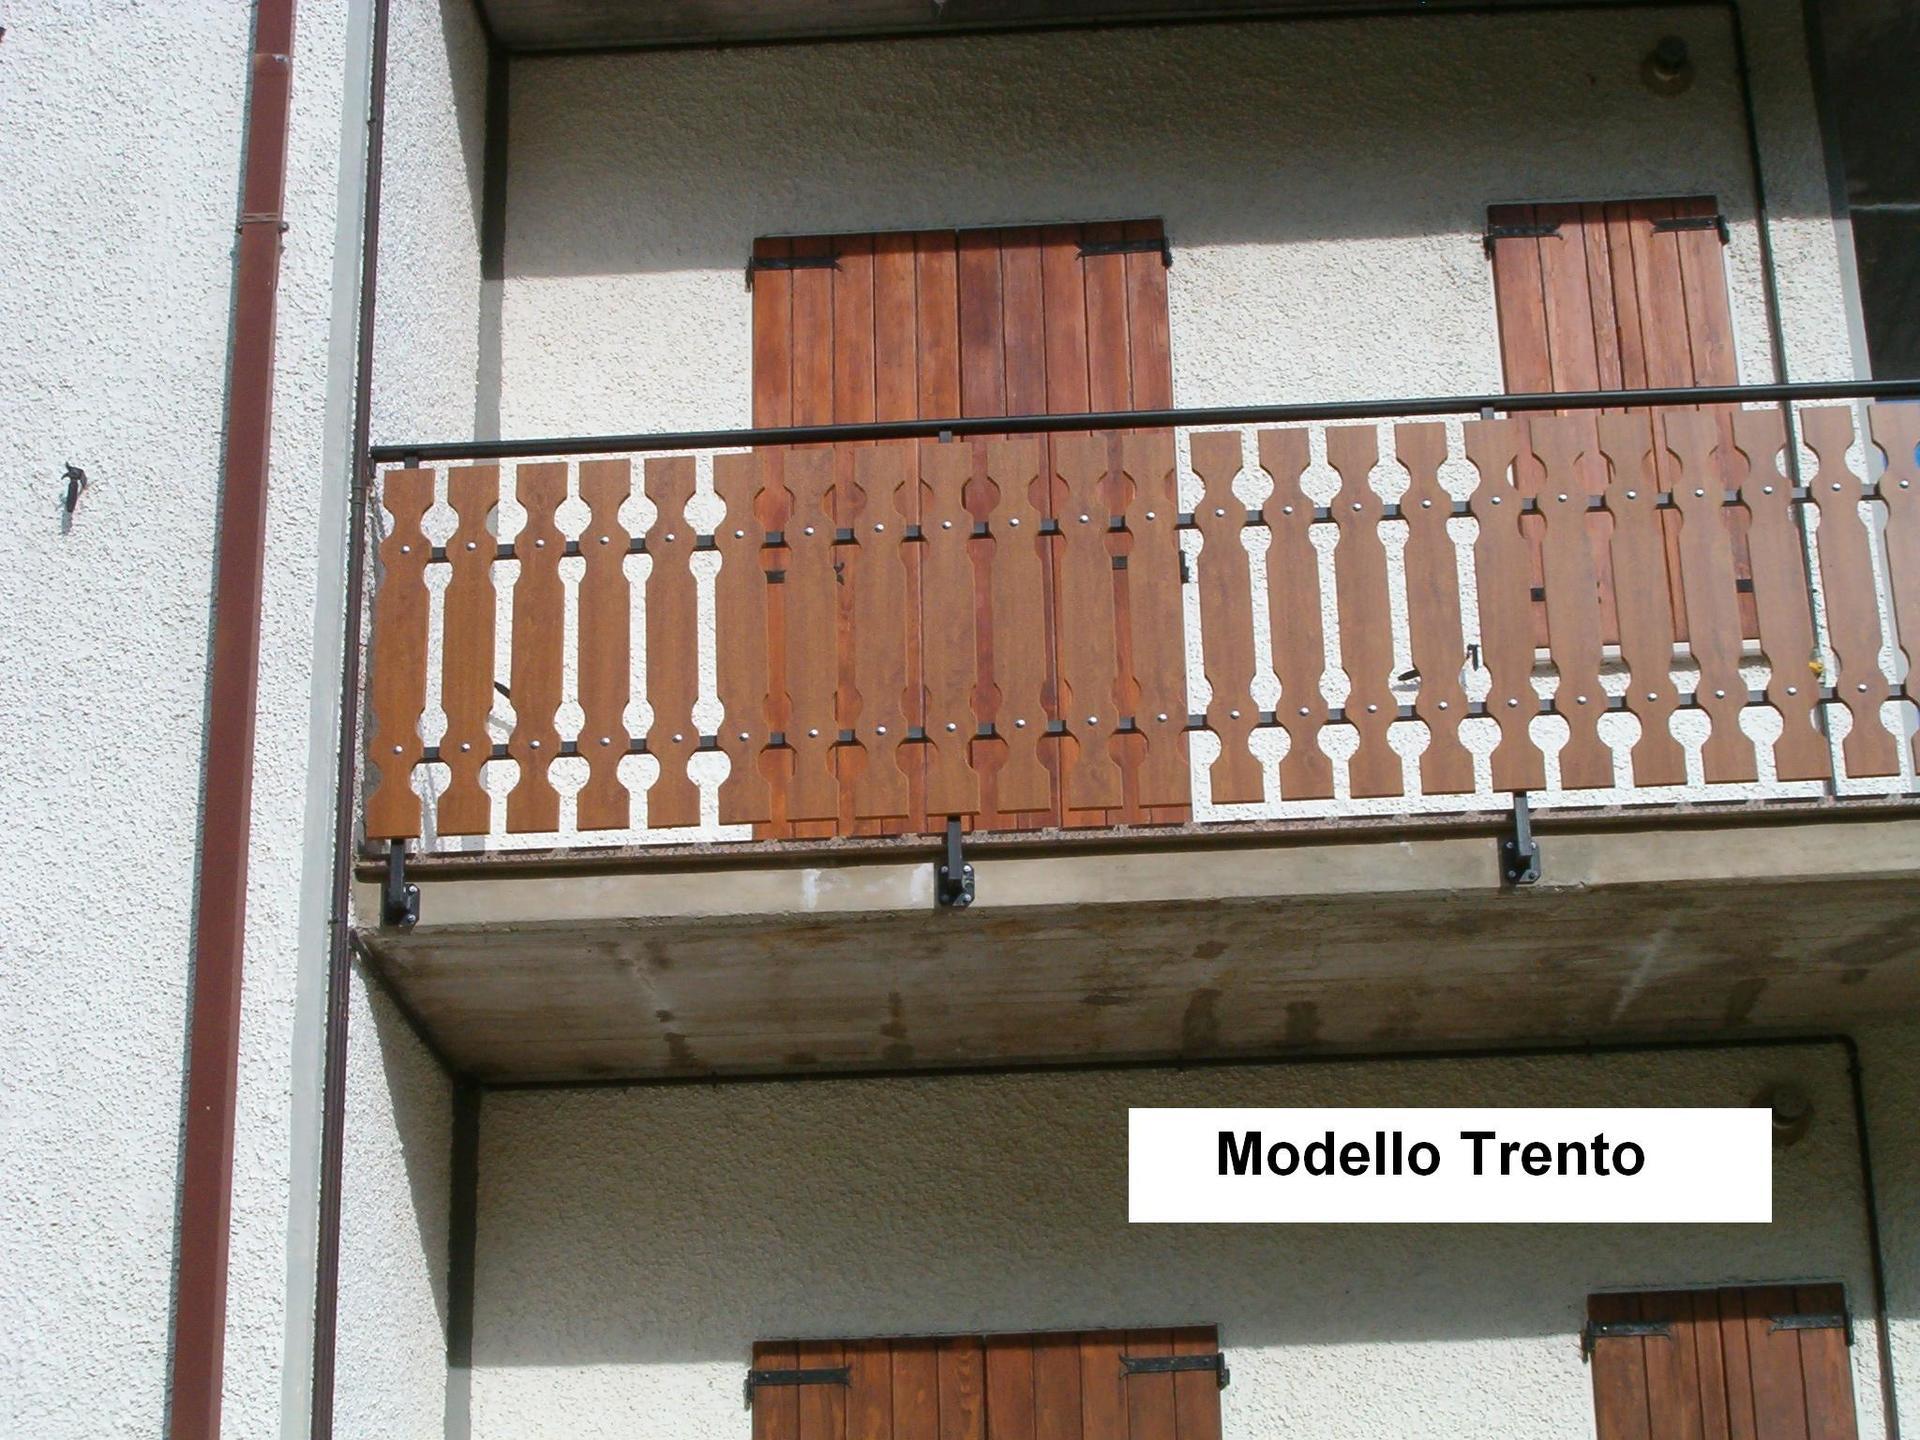 Ringhiera in balcone di una casa Modello Trento